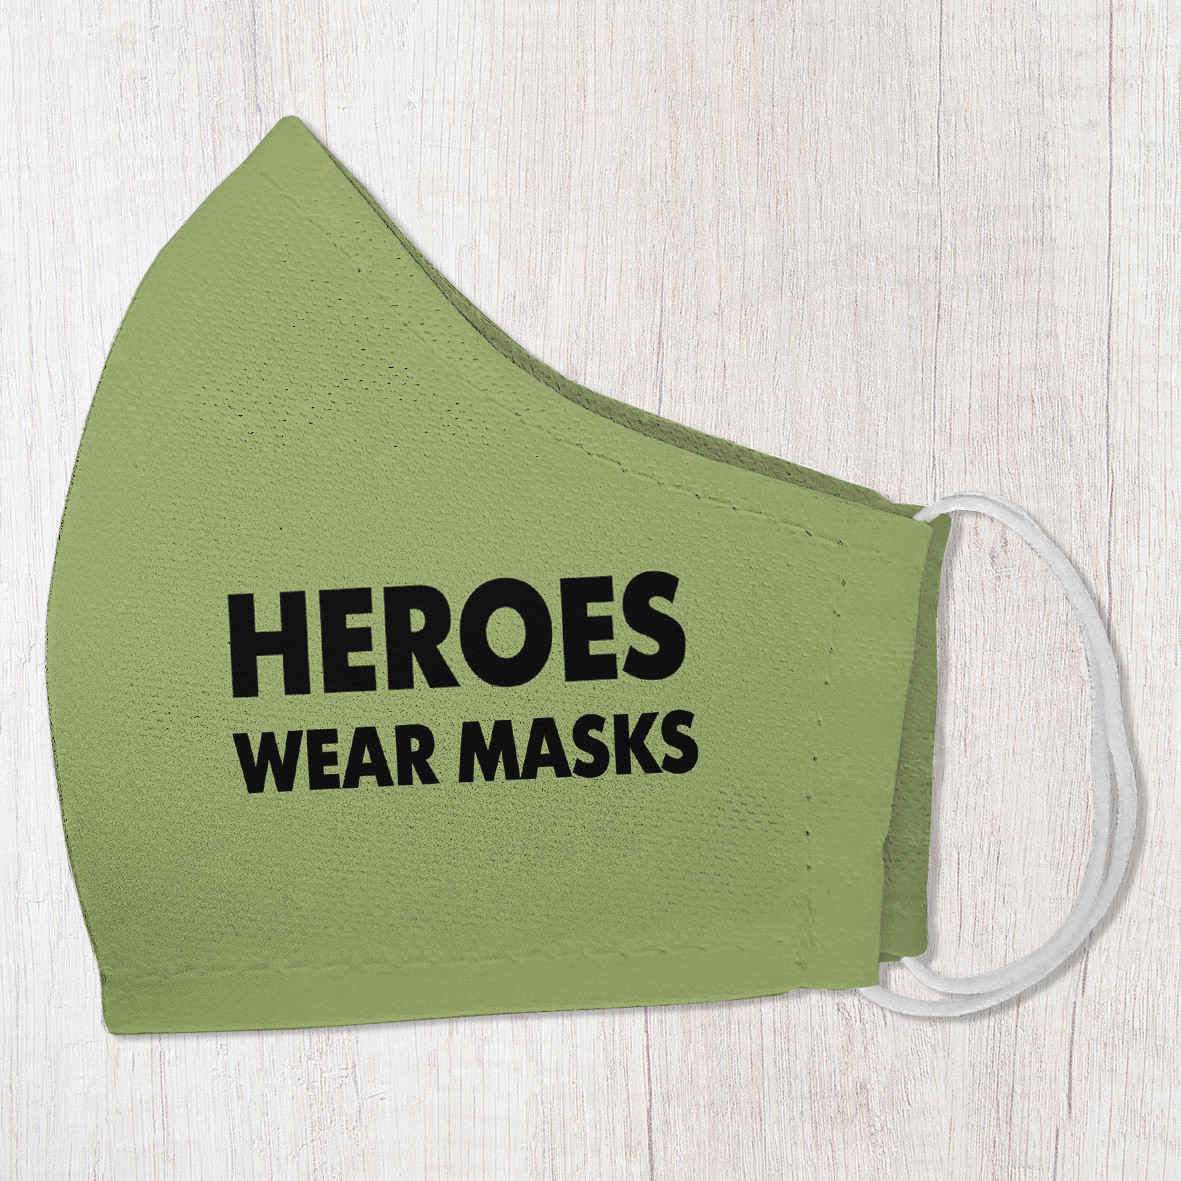 Защитная маска лица Heroes wear masks 23x12 см (LMM_20S006)